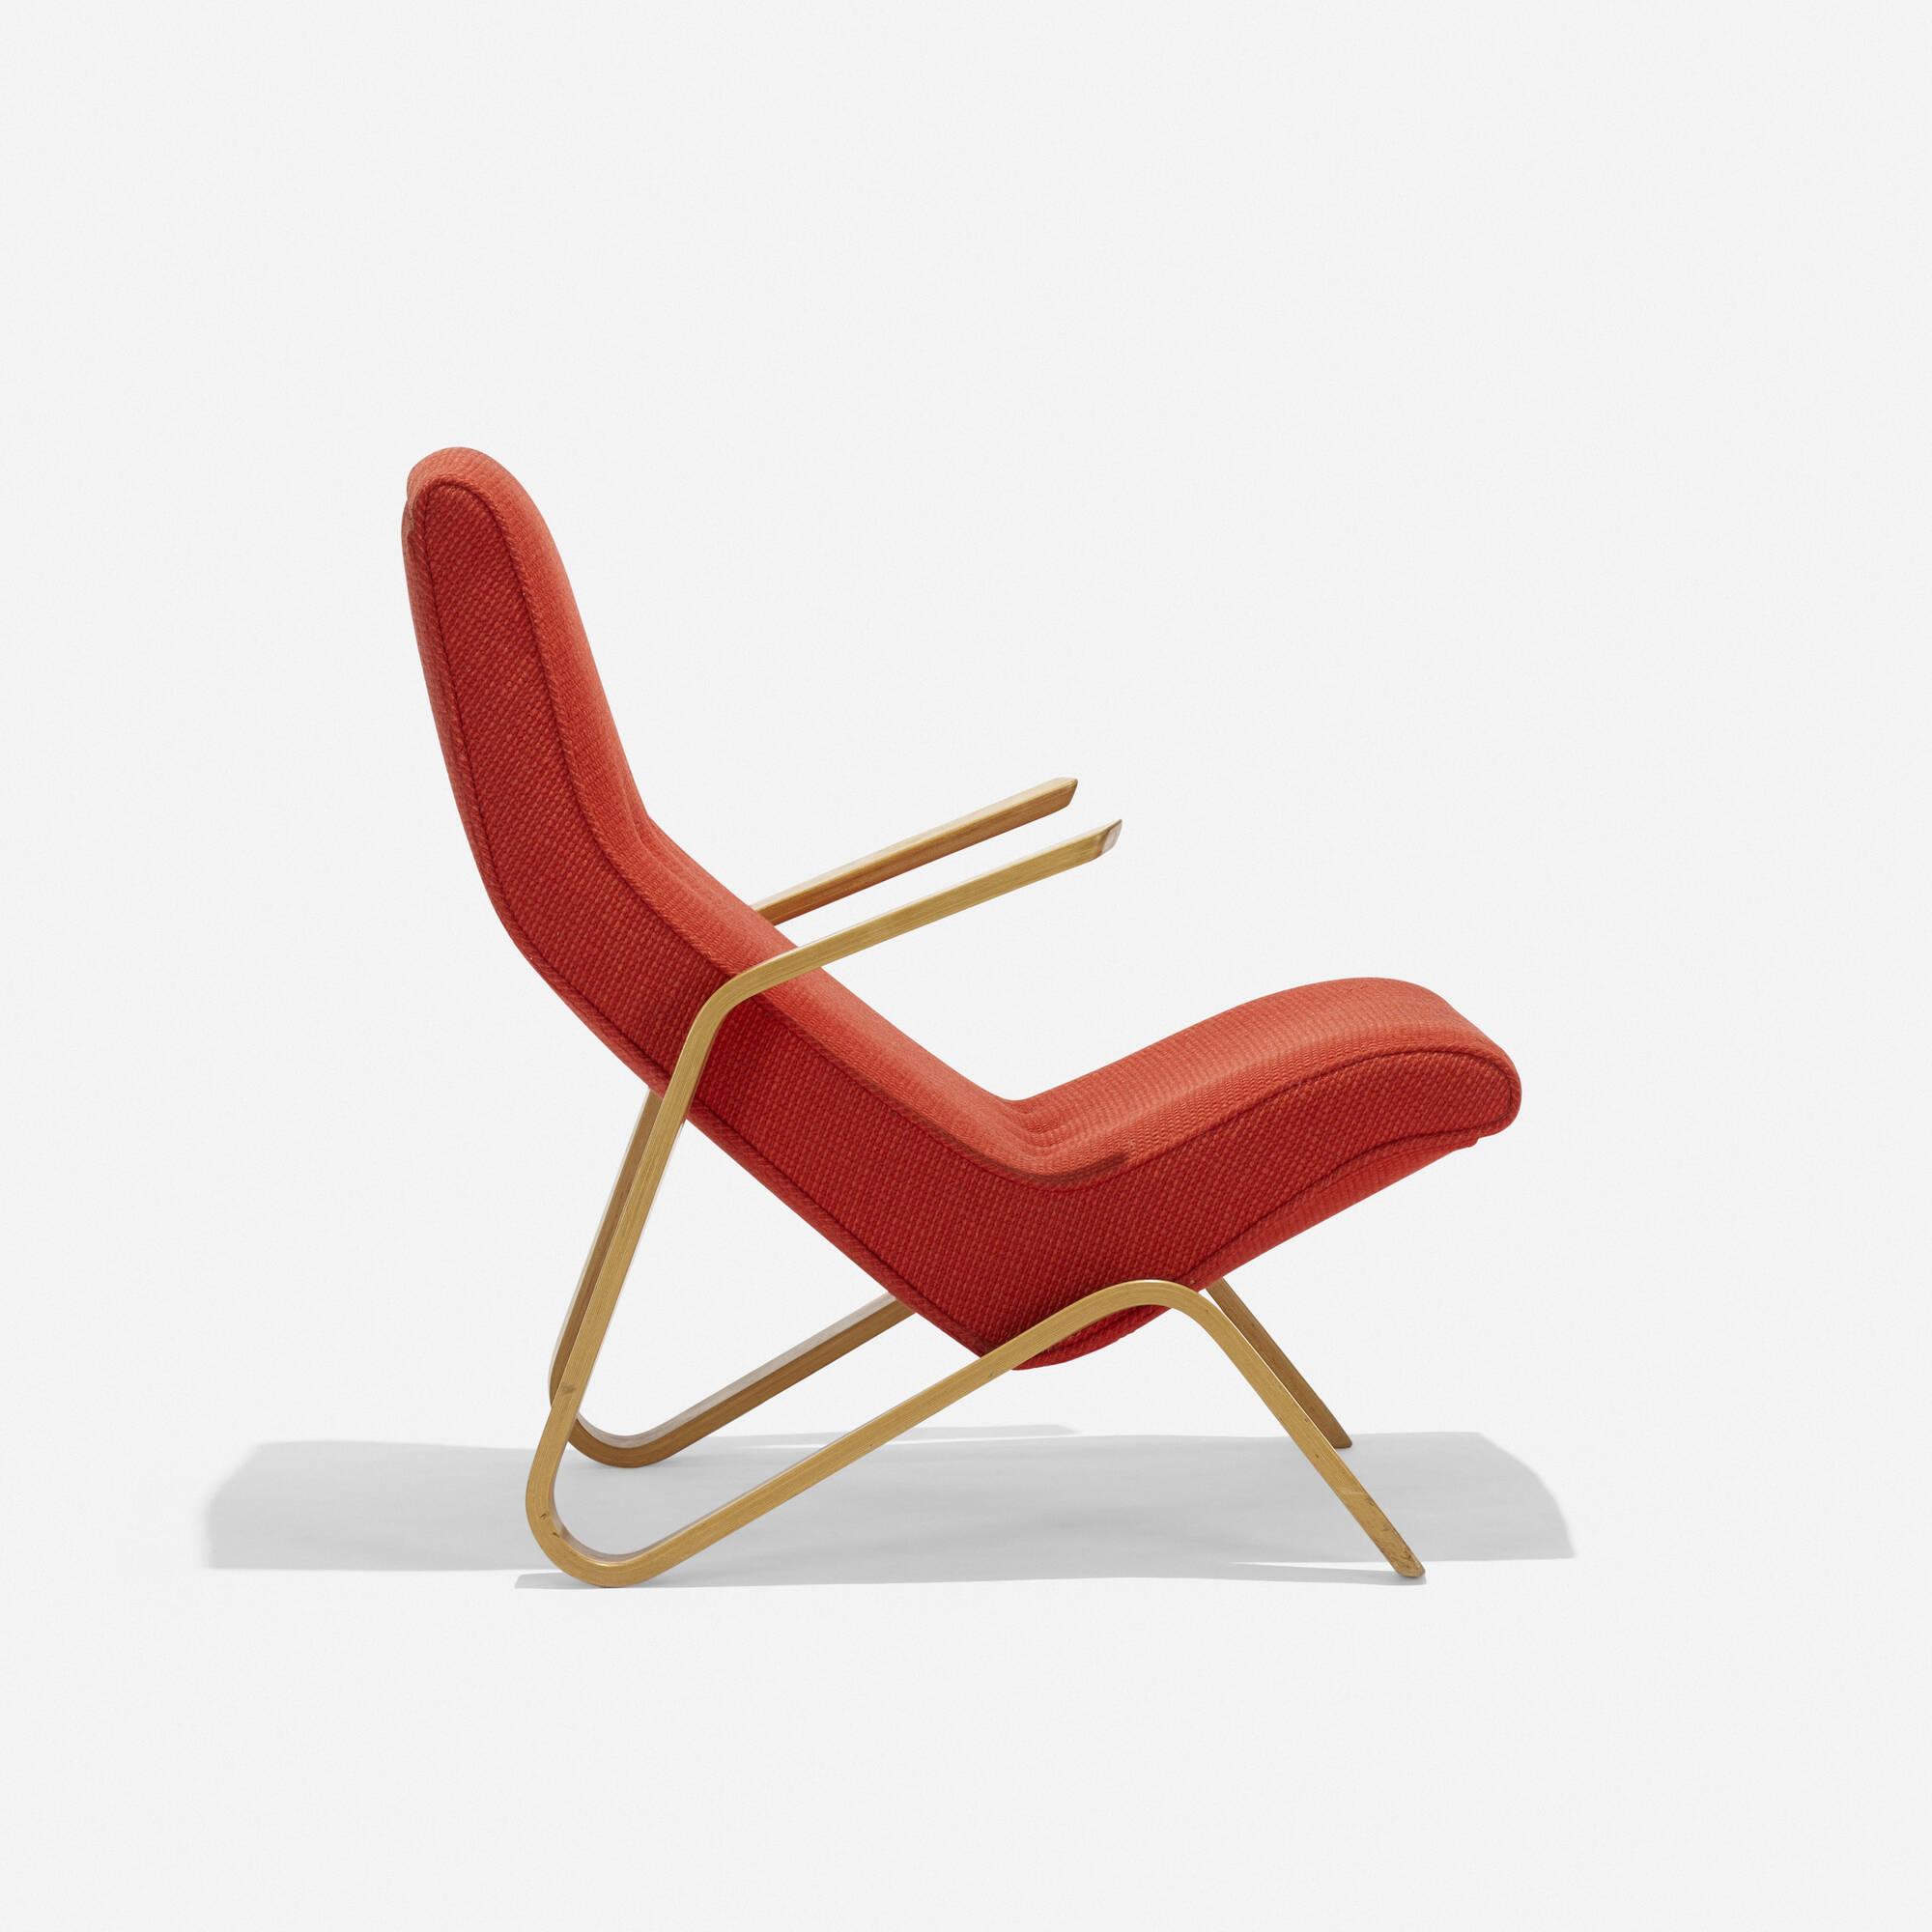 207 Eero Saarinen Grasshopper Chair 2 Of 4